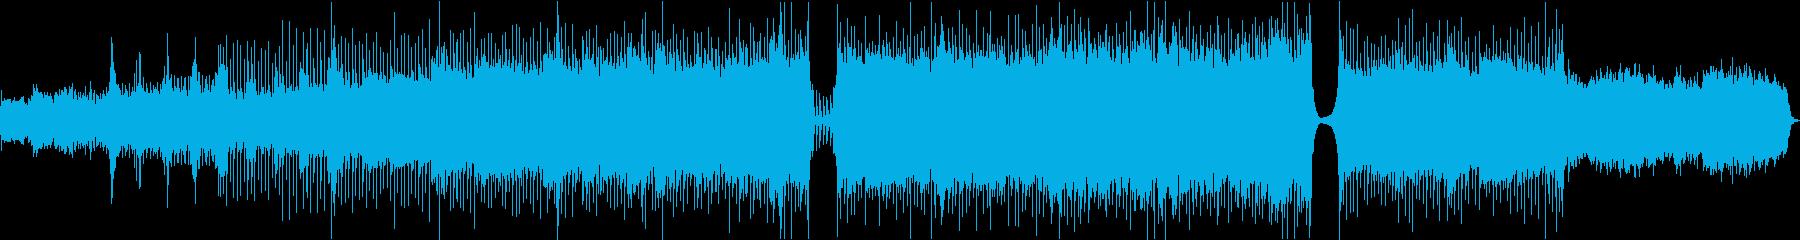 ワクワク感のあるポップスオーケストラ曲の再生済みの波形